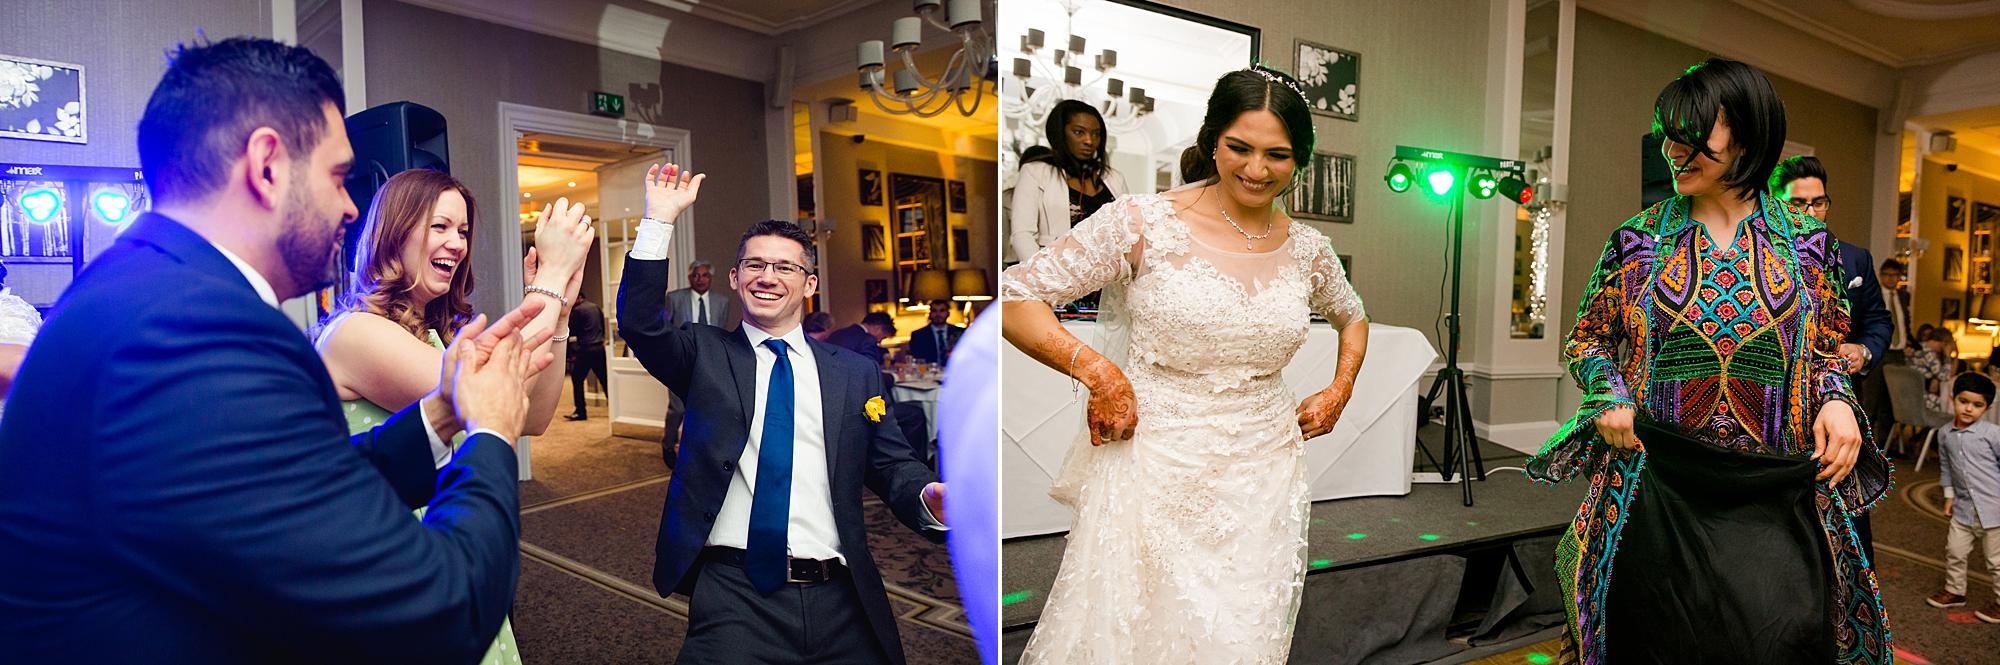 Richmond Hill Hotel wedding dancing